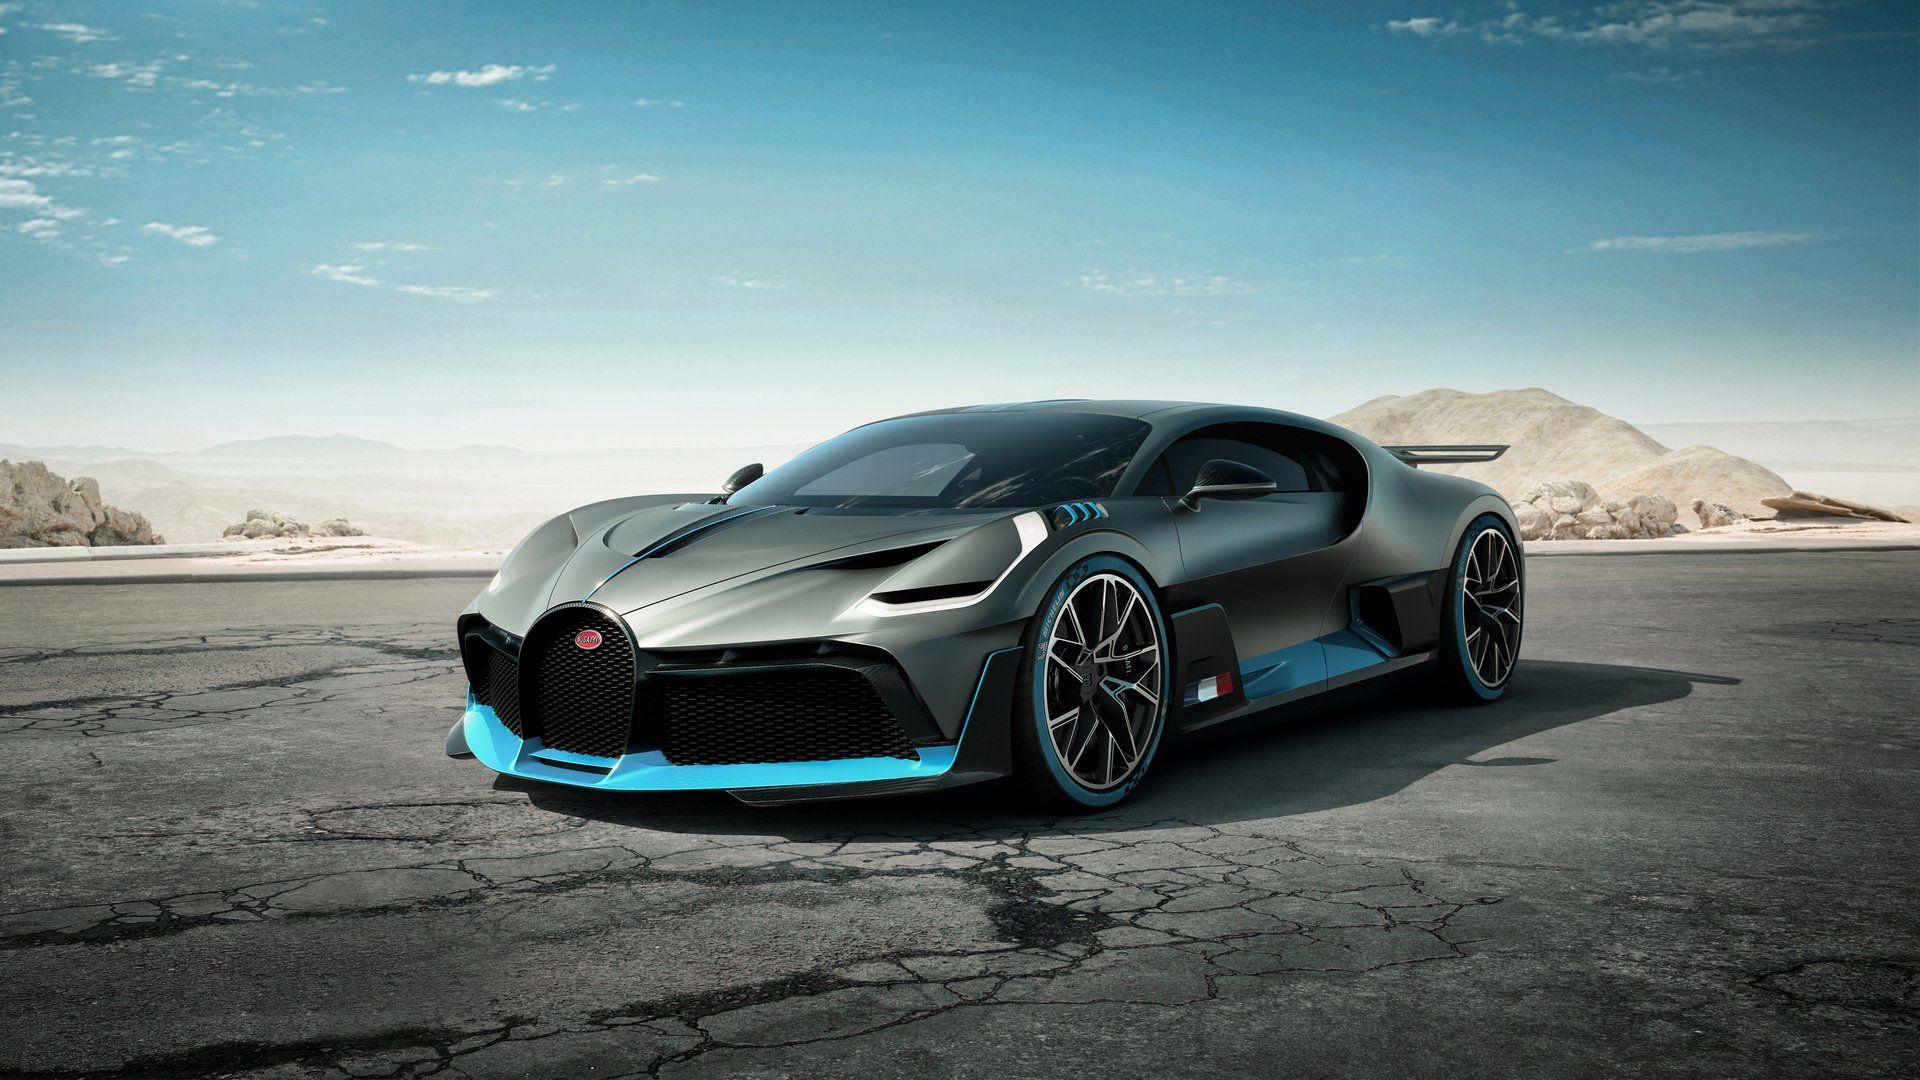 Bugatti To Bring An 18 Million One Off Hypercar To Geneva Show Carscoops Bugatti Divo Bugatti Bugatti Top Speed